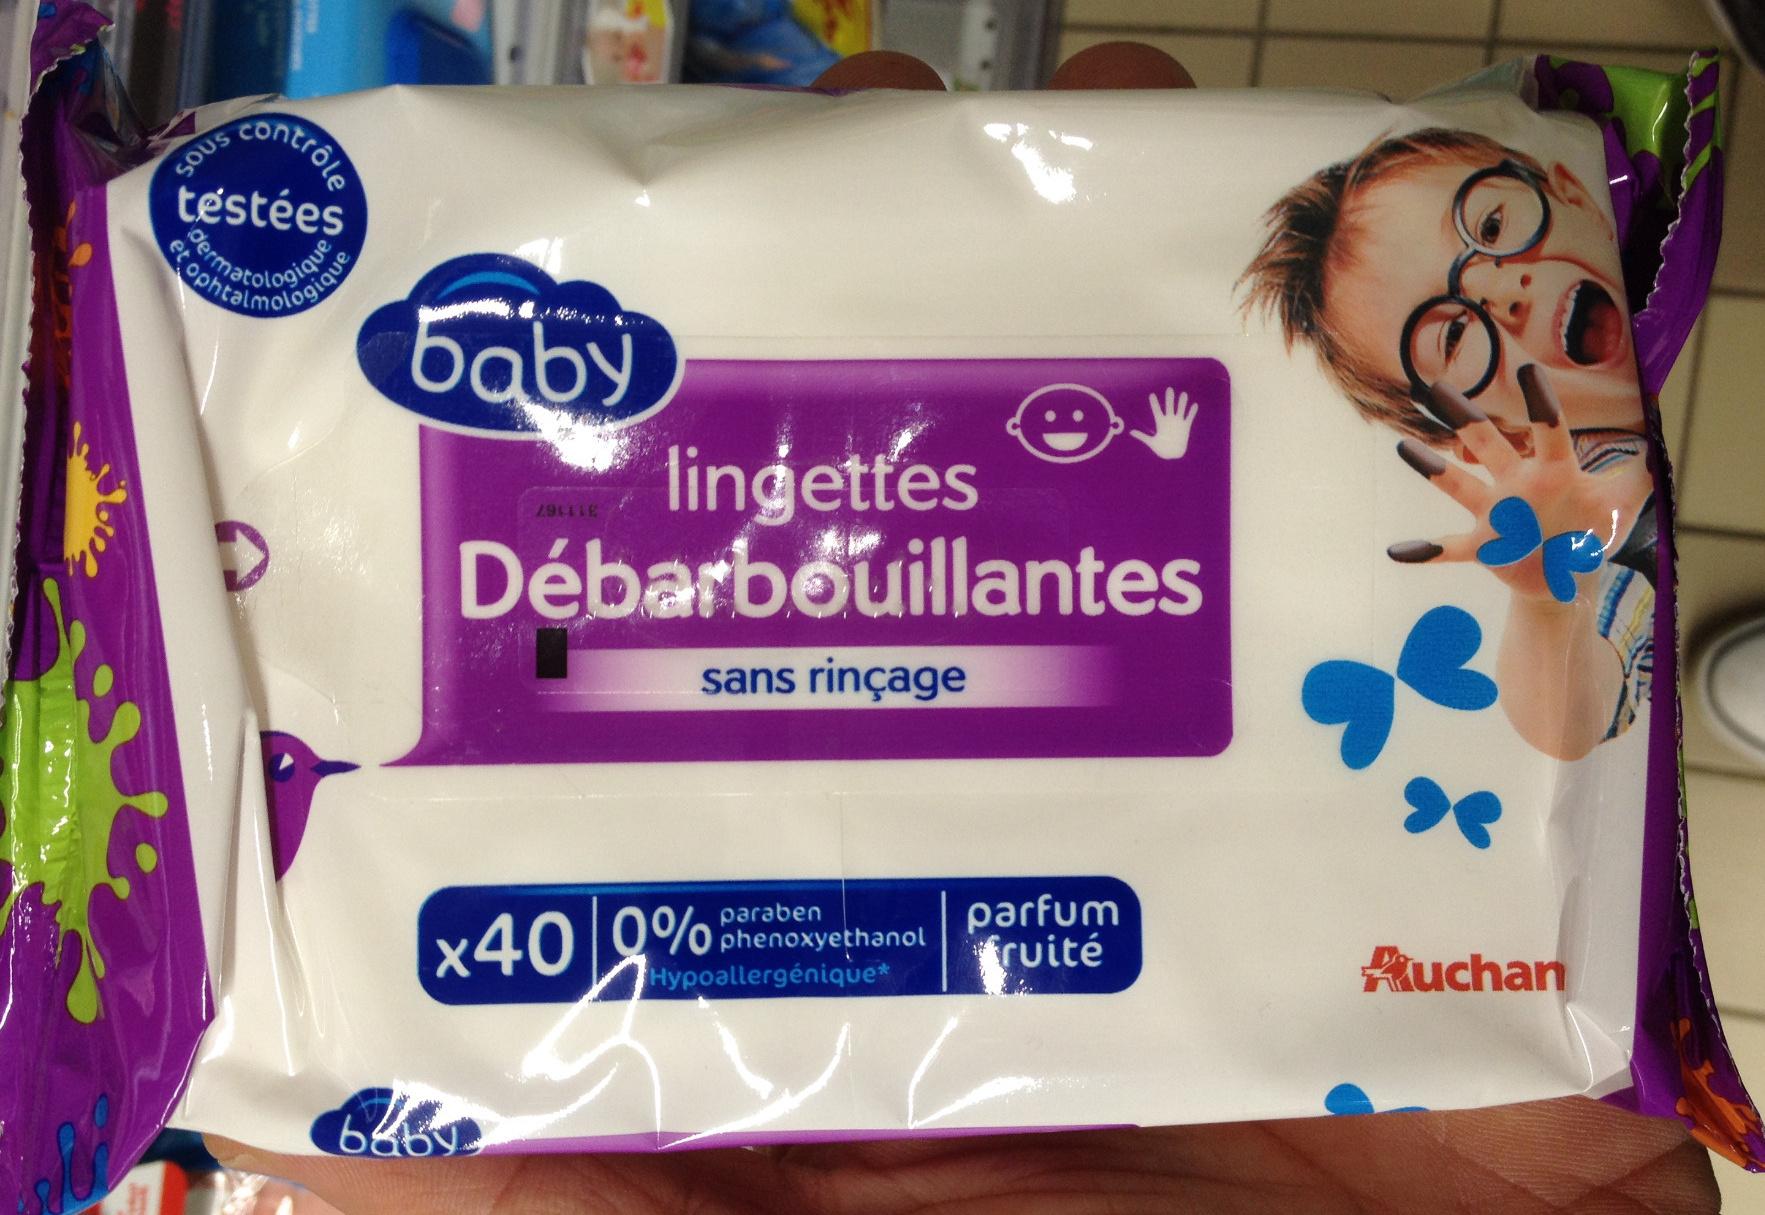 Lingettes débarbouillantes sans rinçage parfum fruité - Produit